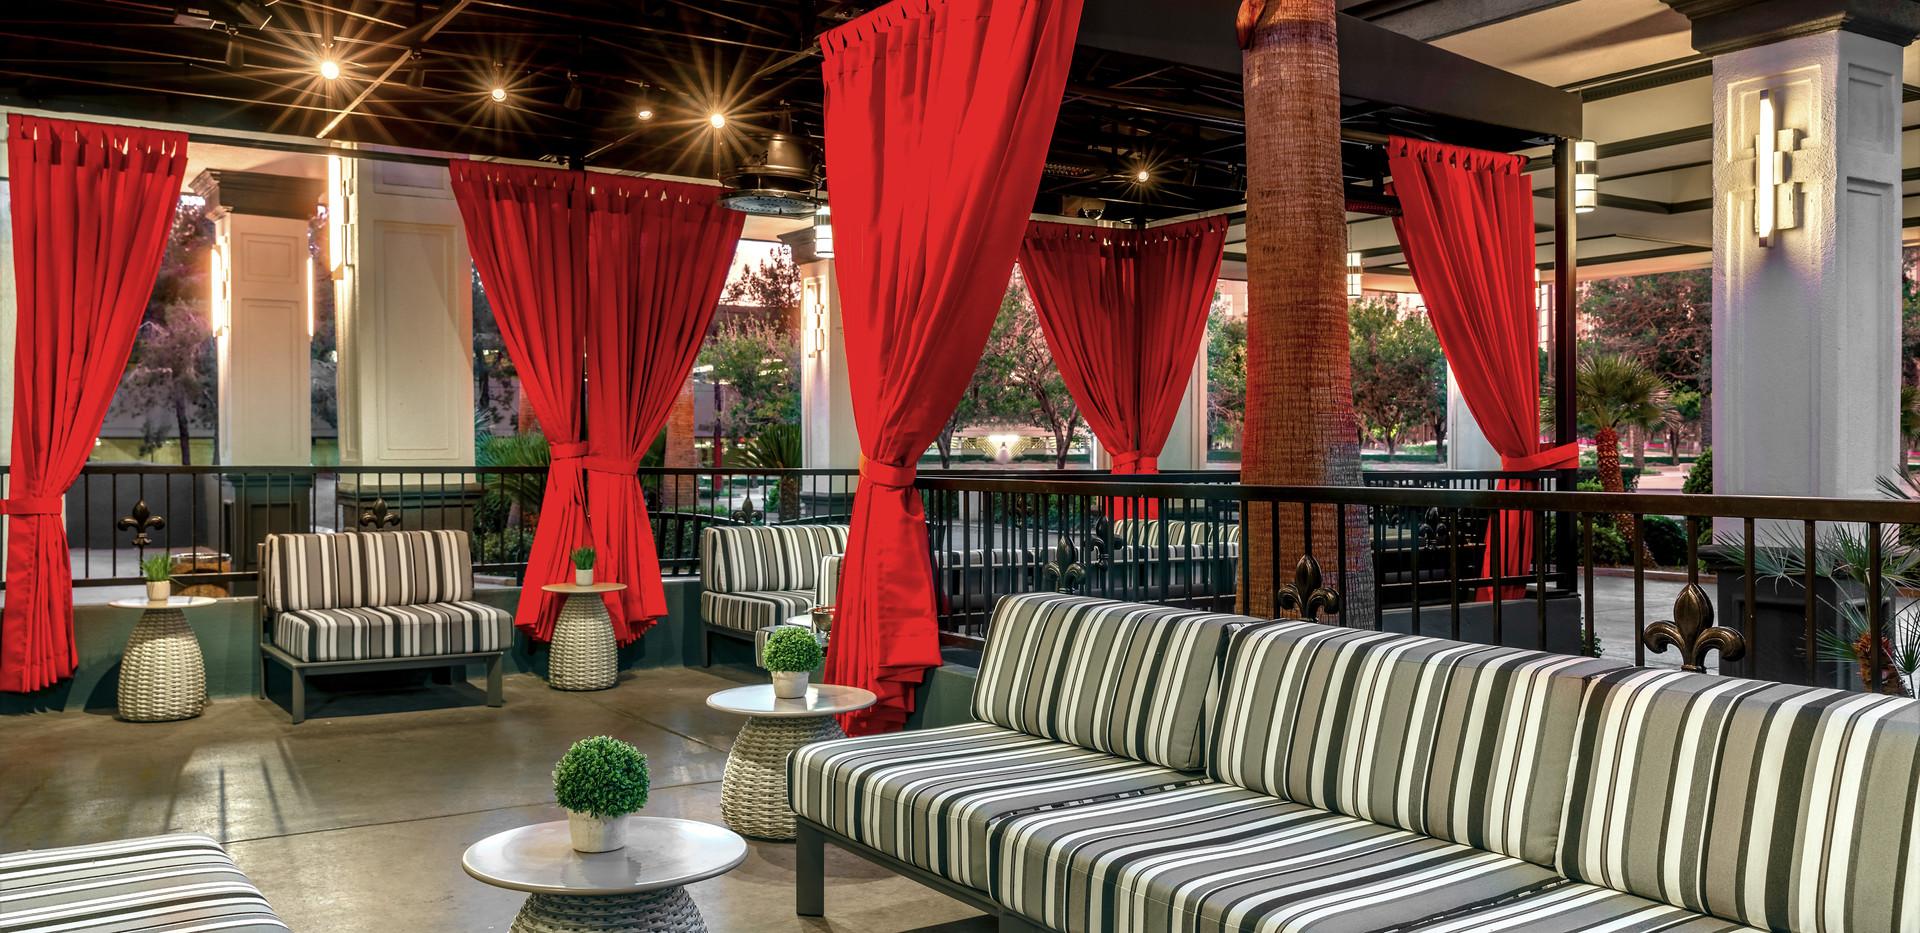 Del Frisco's Double Eagle Steakhouse Las Vegas